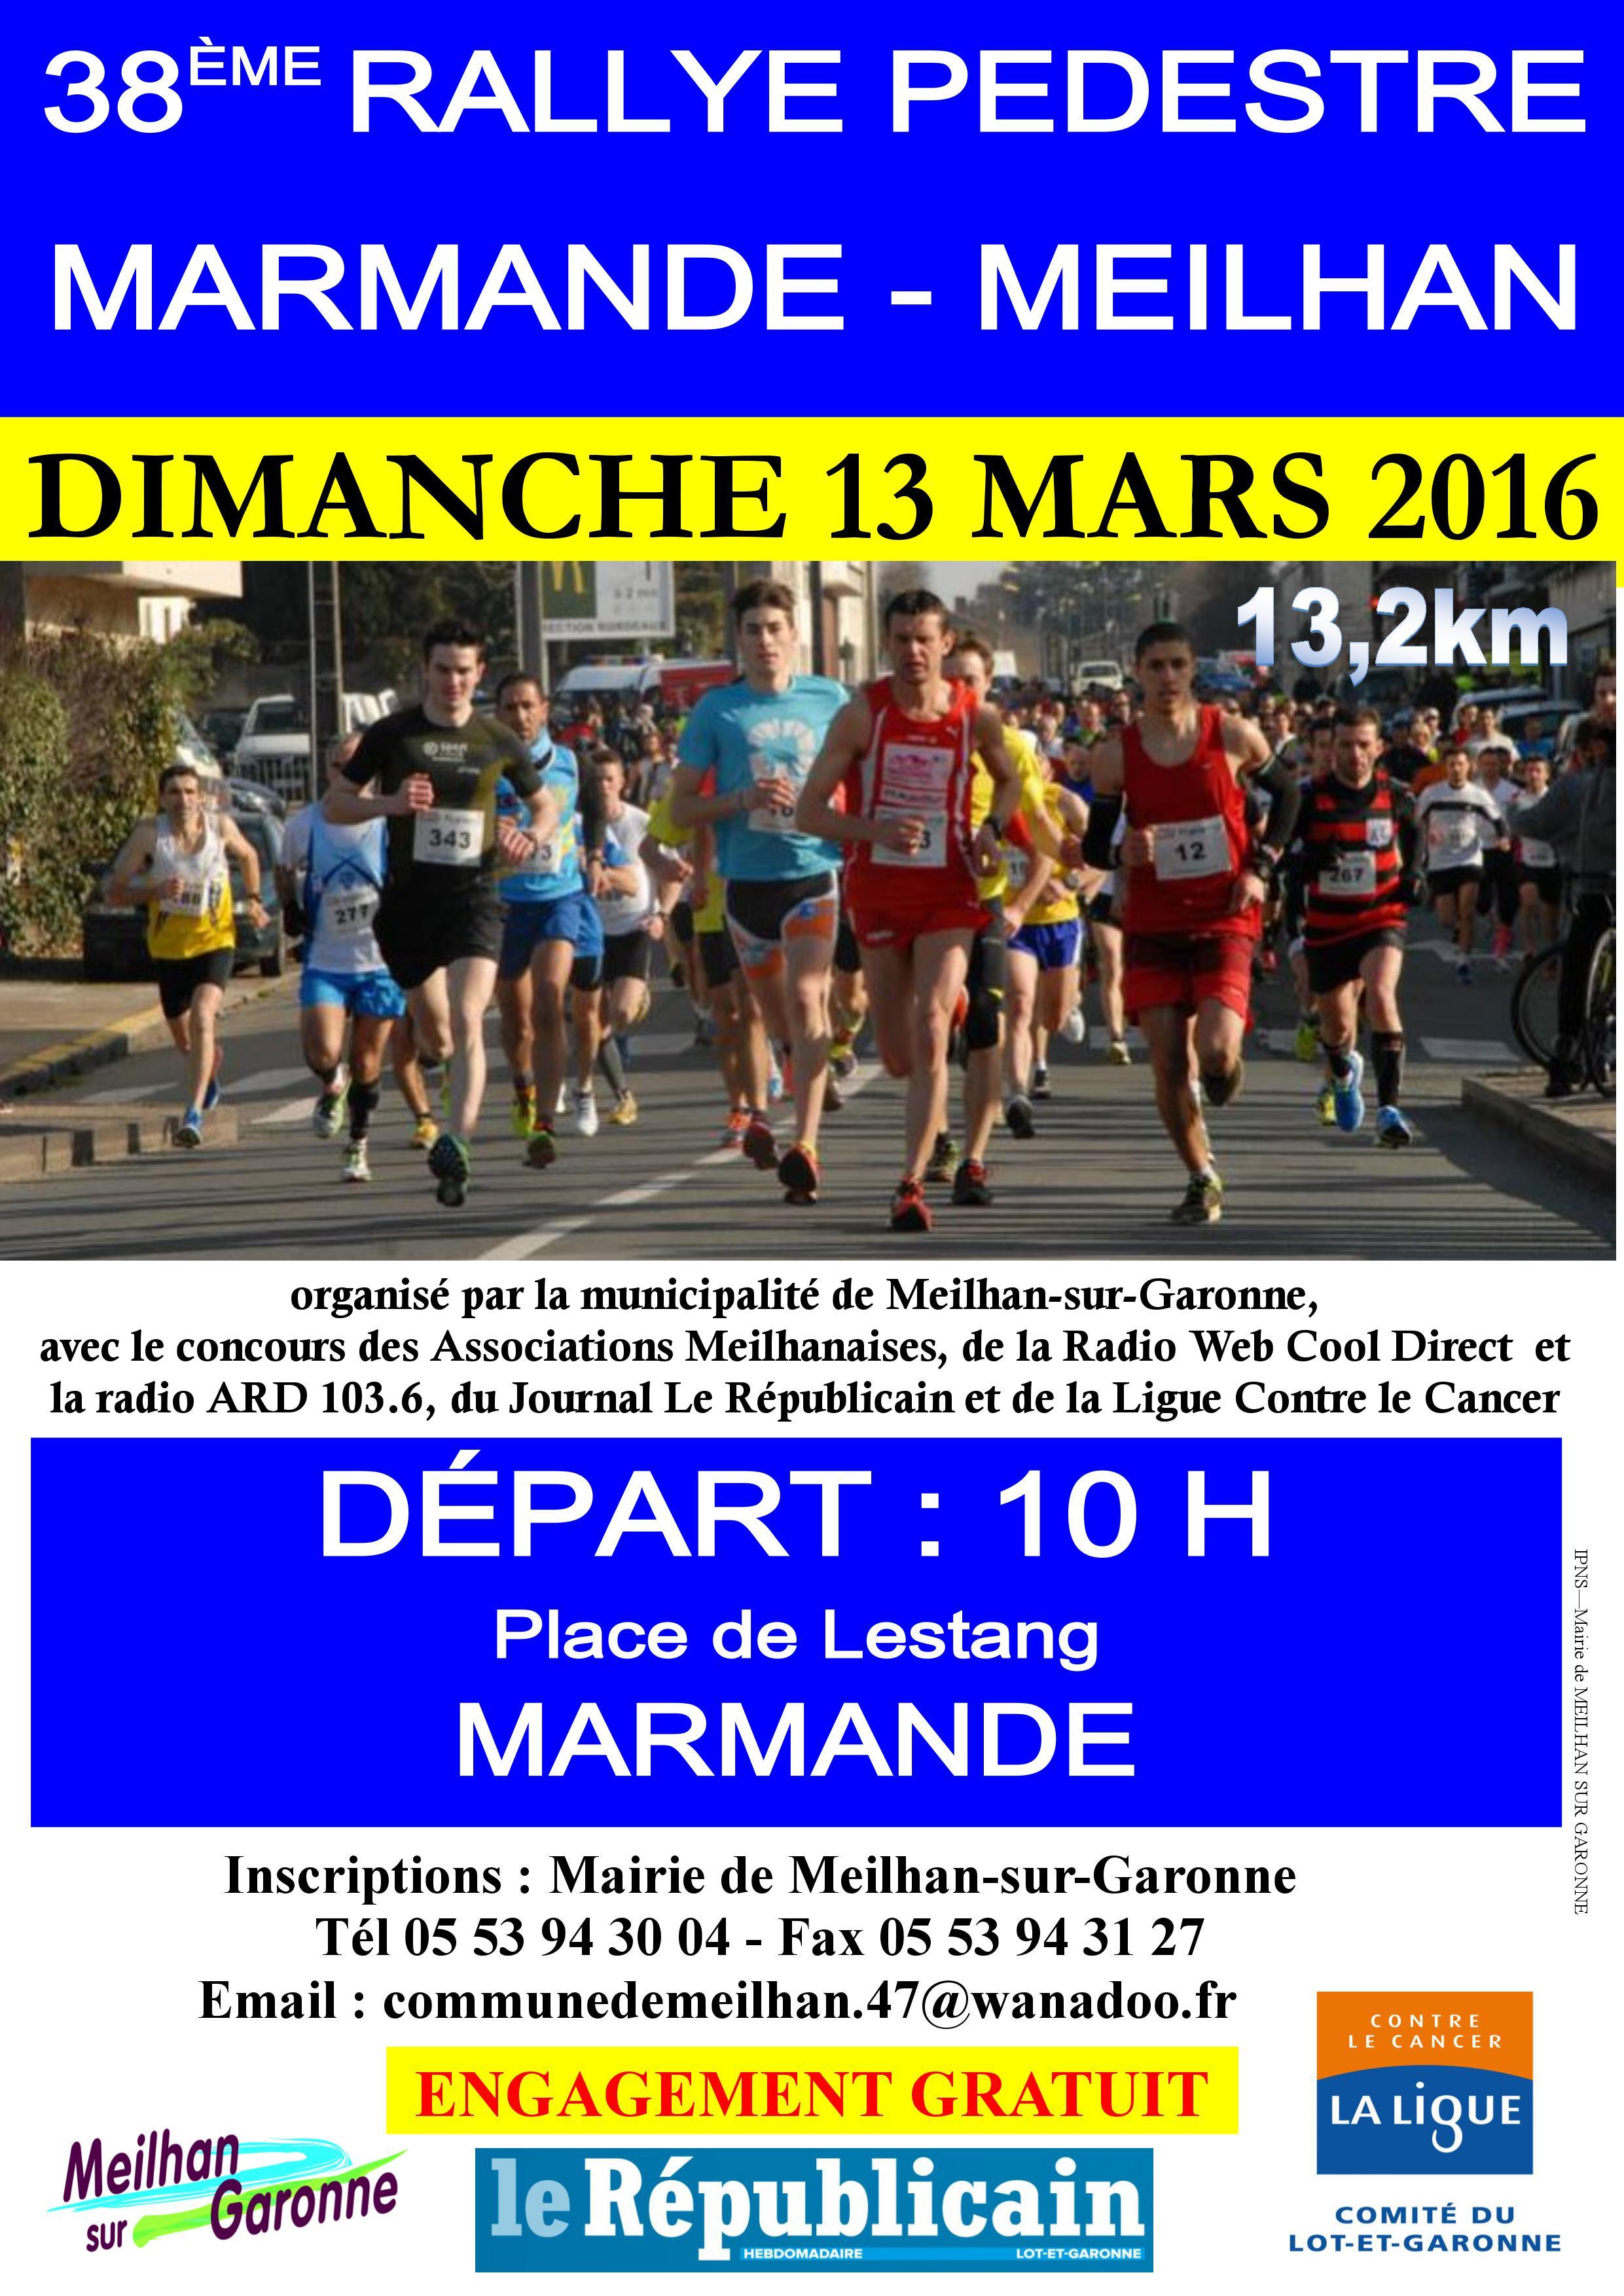 Calendrier Randonnee Pedestre Lot Et Garonne.38eme Rallye Pedestre Marmande Meilhan Ligue Contre Le